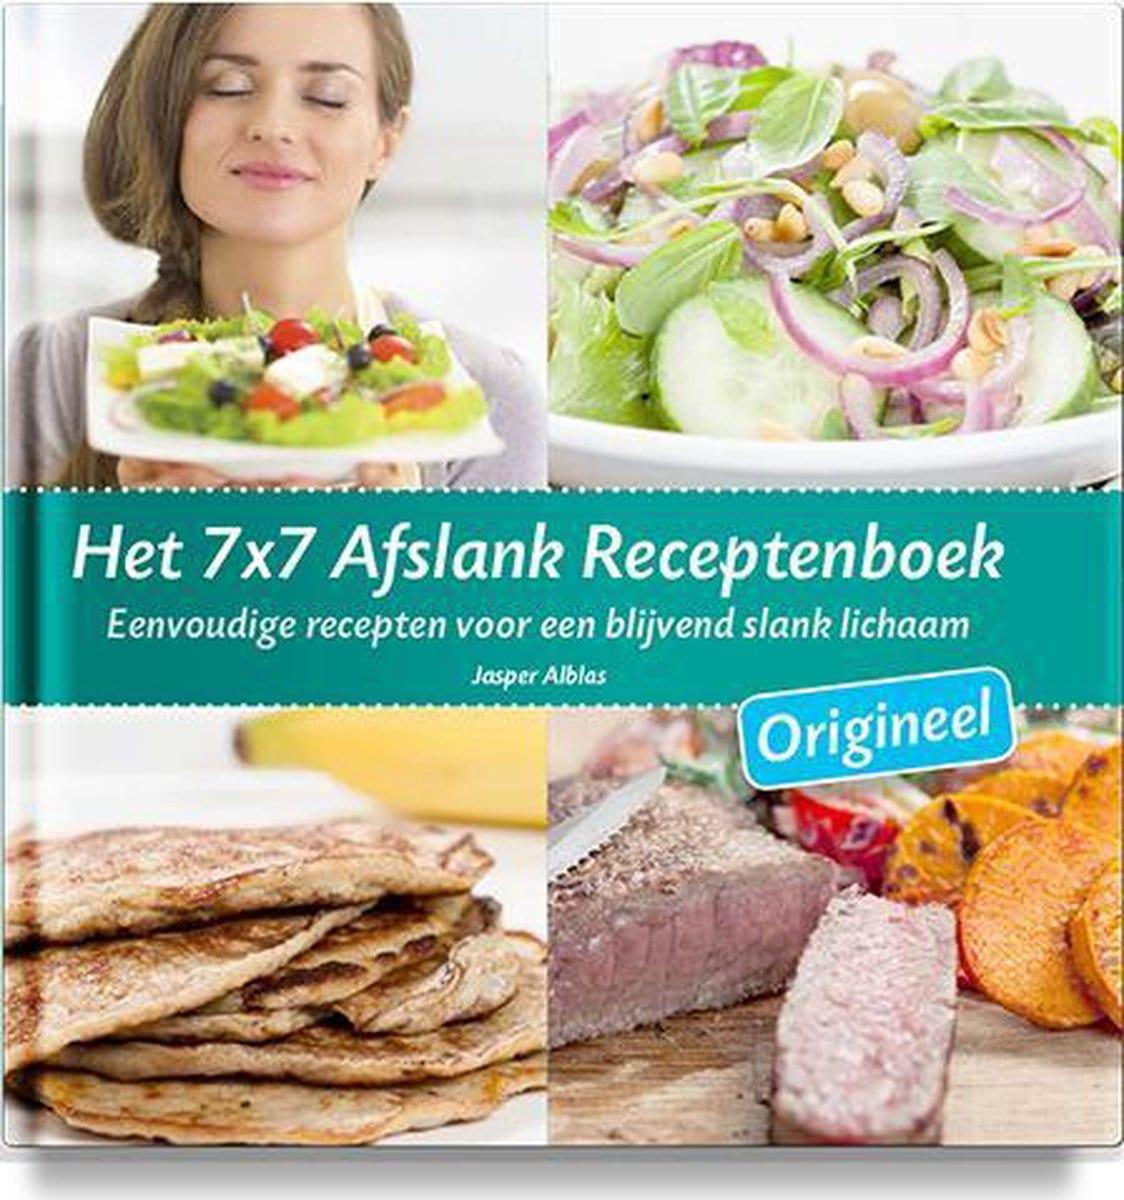 Het 7×7 Afslank Receptenboek